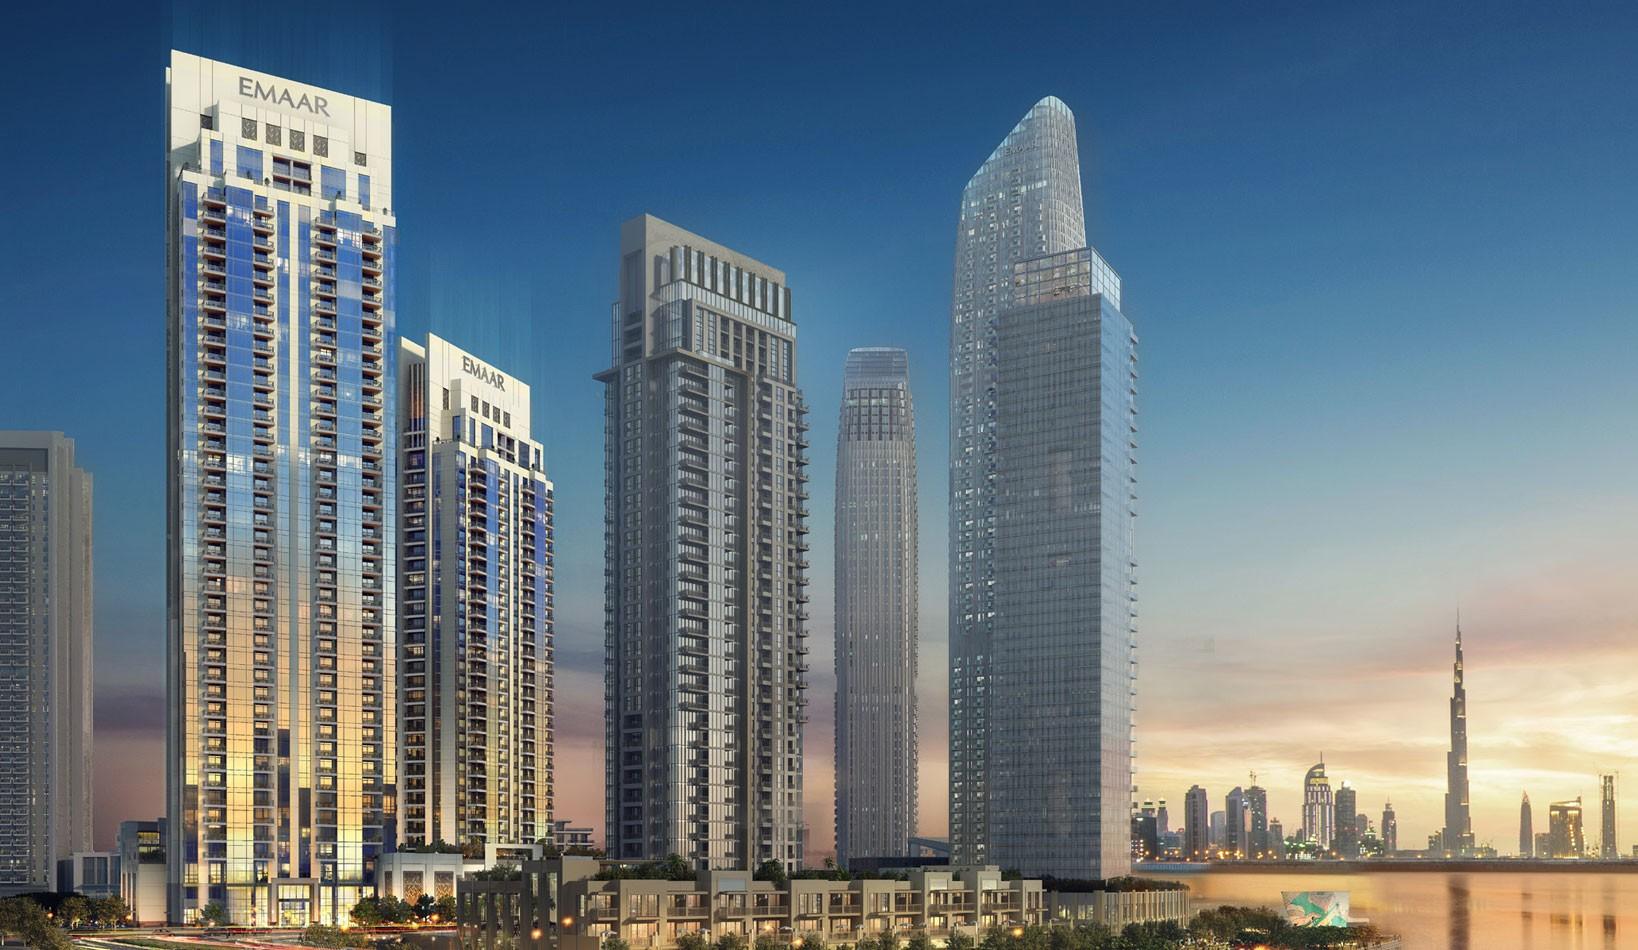 Dubai Creek Harbour - Dubai - OPD